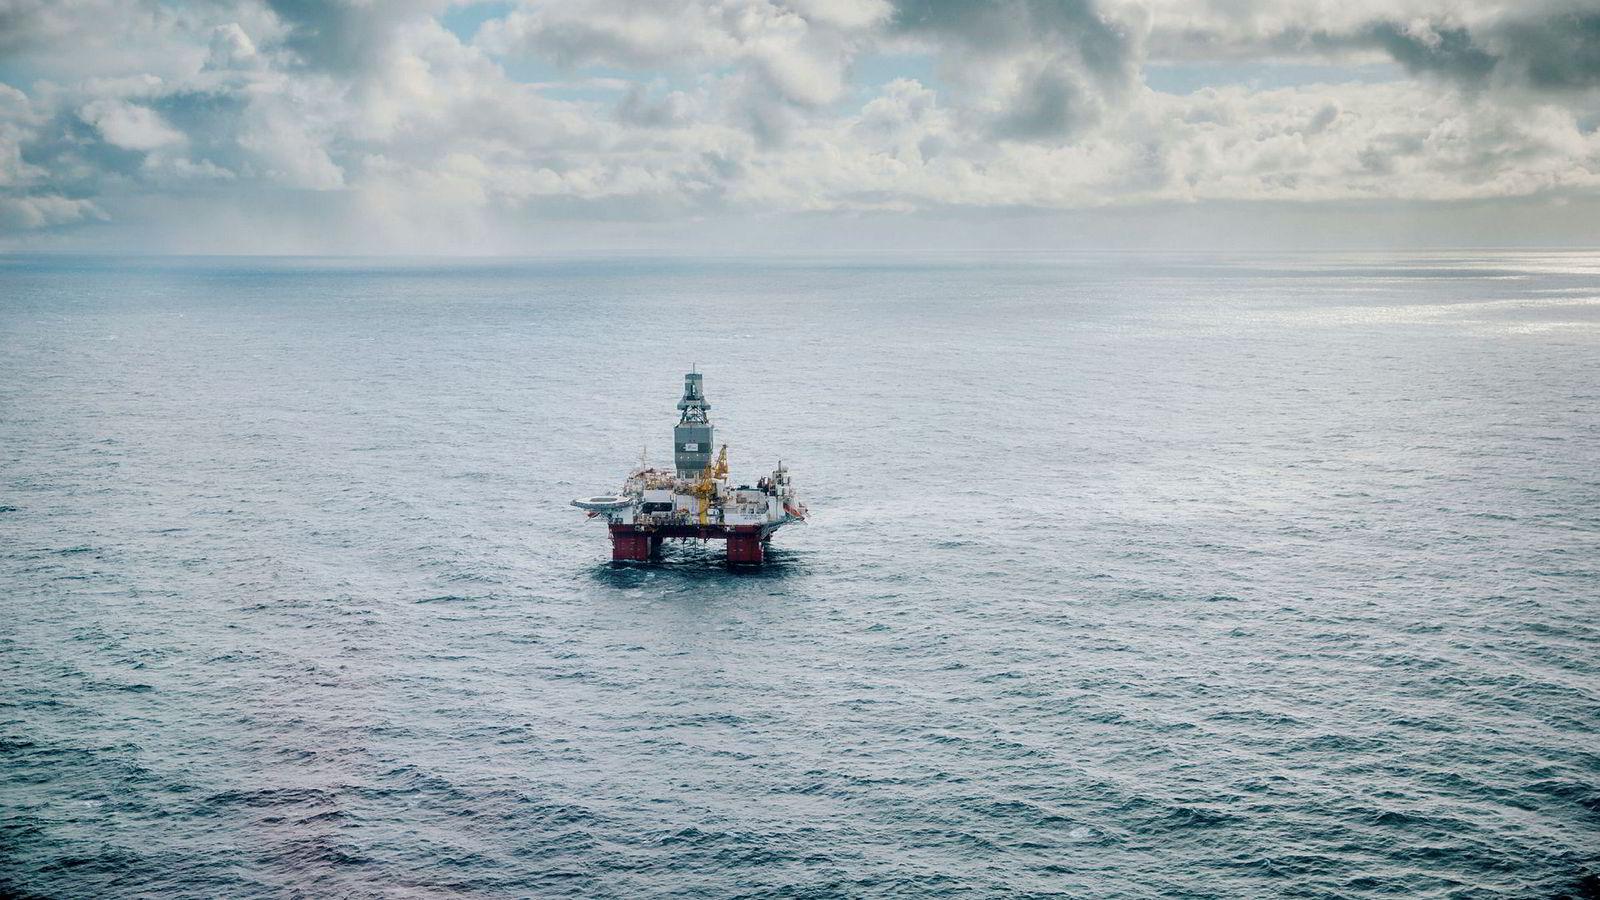 Det internasjonale energibyrået (IEA) trekker frem Norge som et av de fire landene som kommer til å møte den globale oljeetterspørselen. Her ses riggen Songa Enabler i Barentshavet.